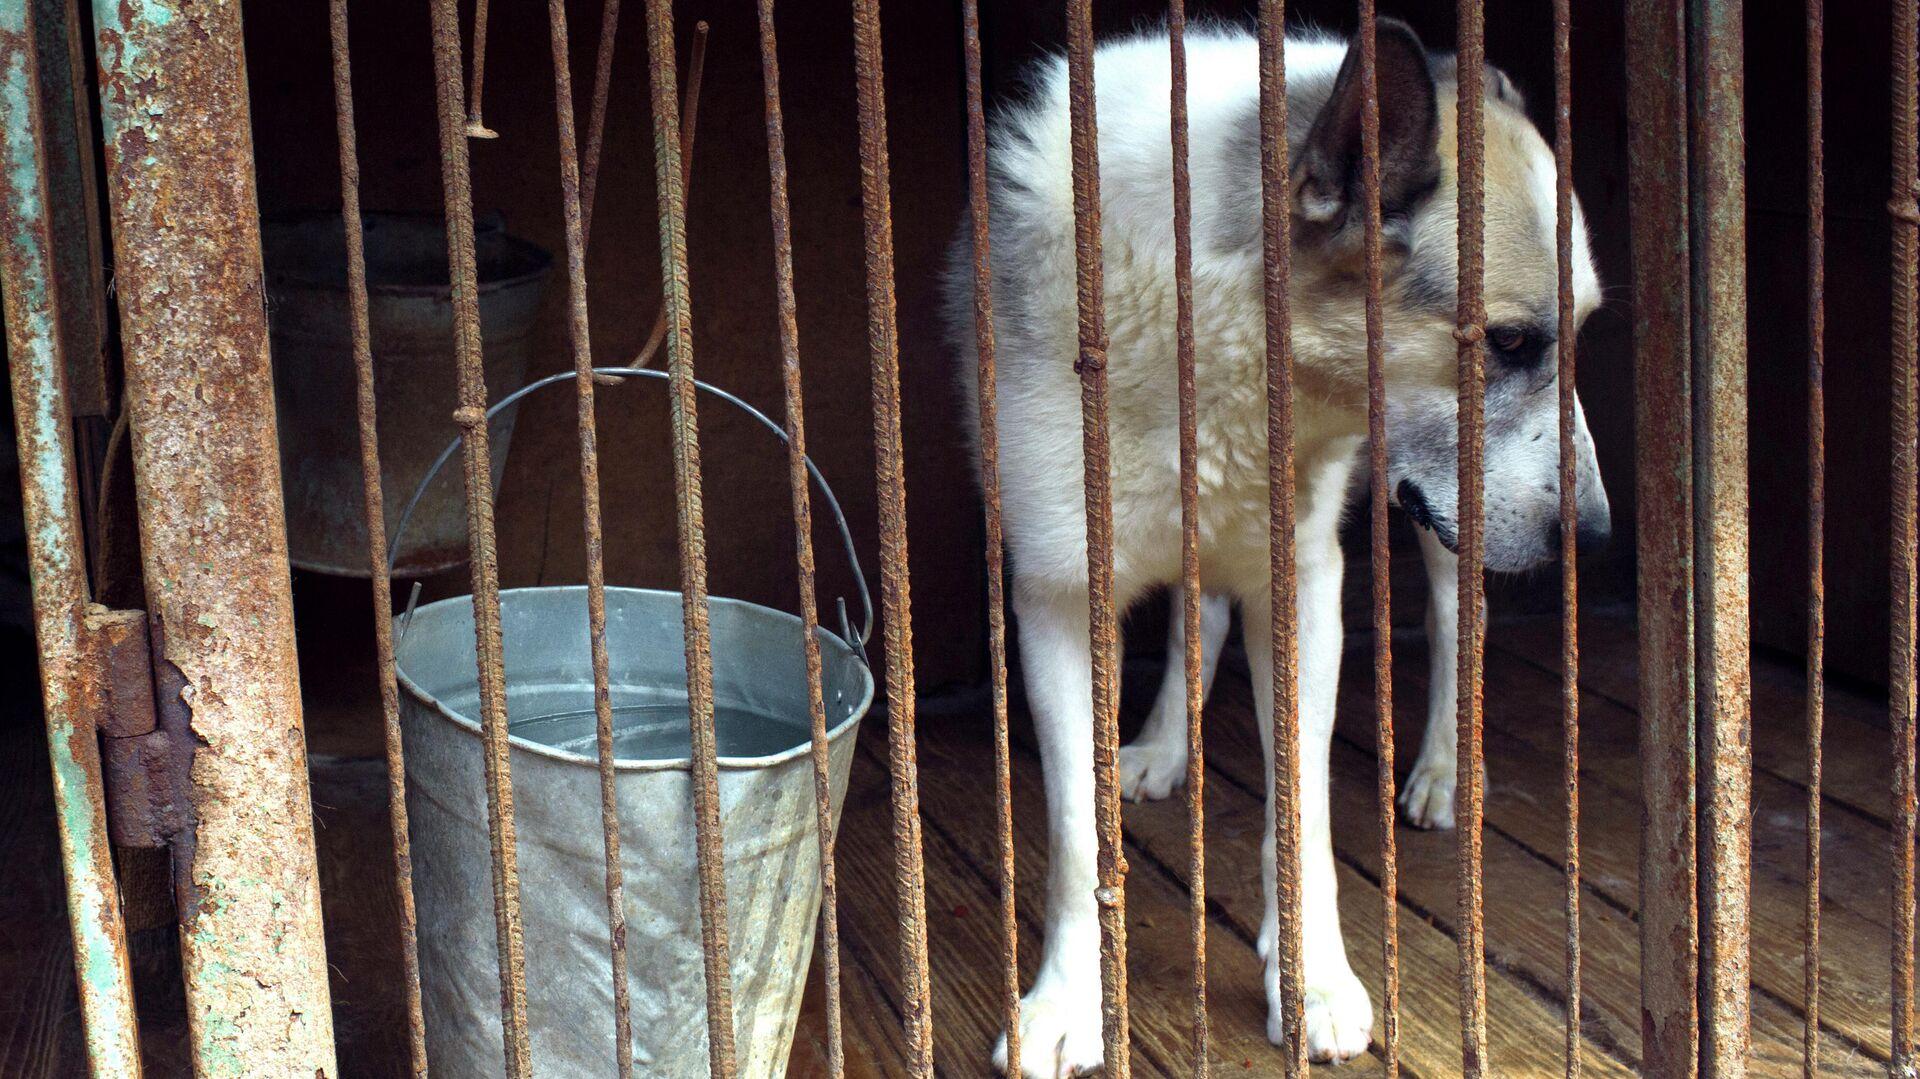 Собака в приюте для бездомных животных в Москве - РИА Новости, 1920, 06.11.2020